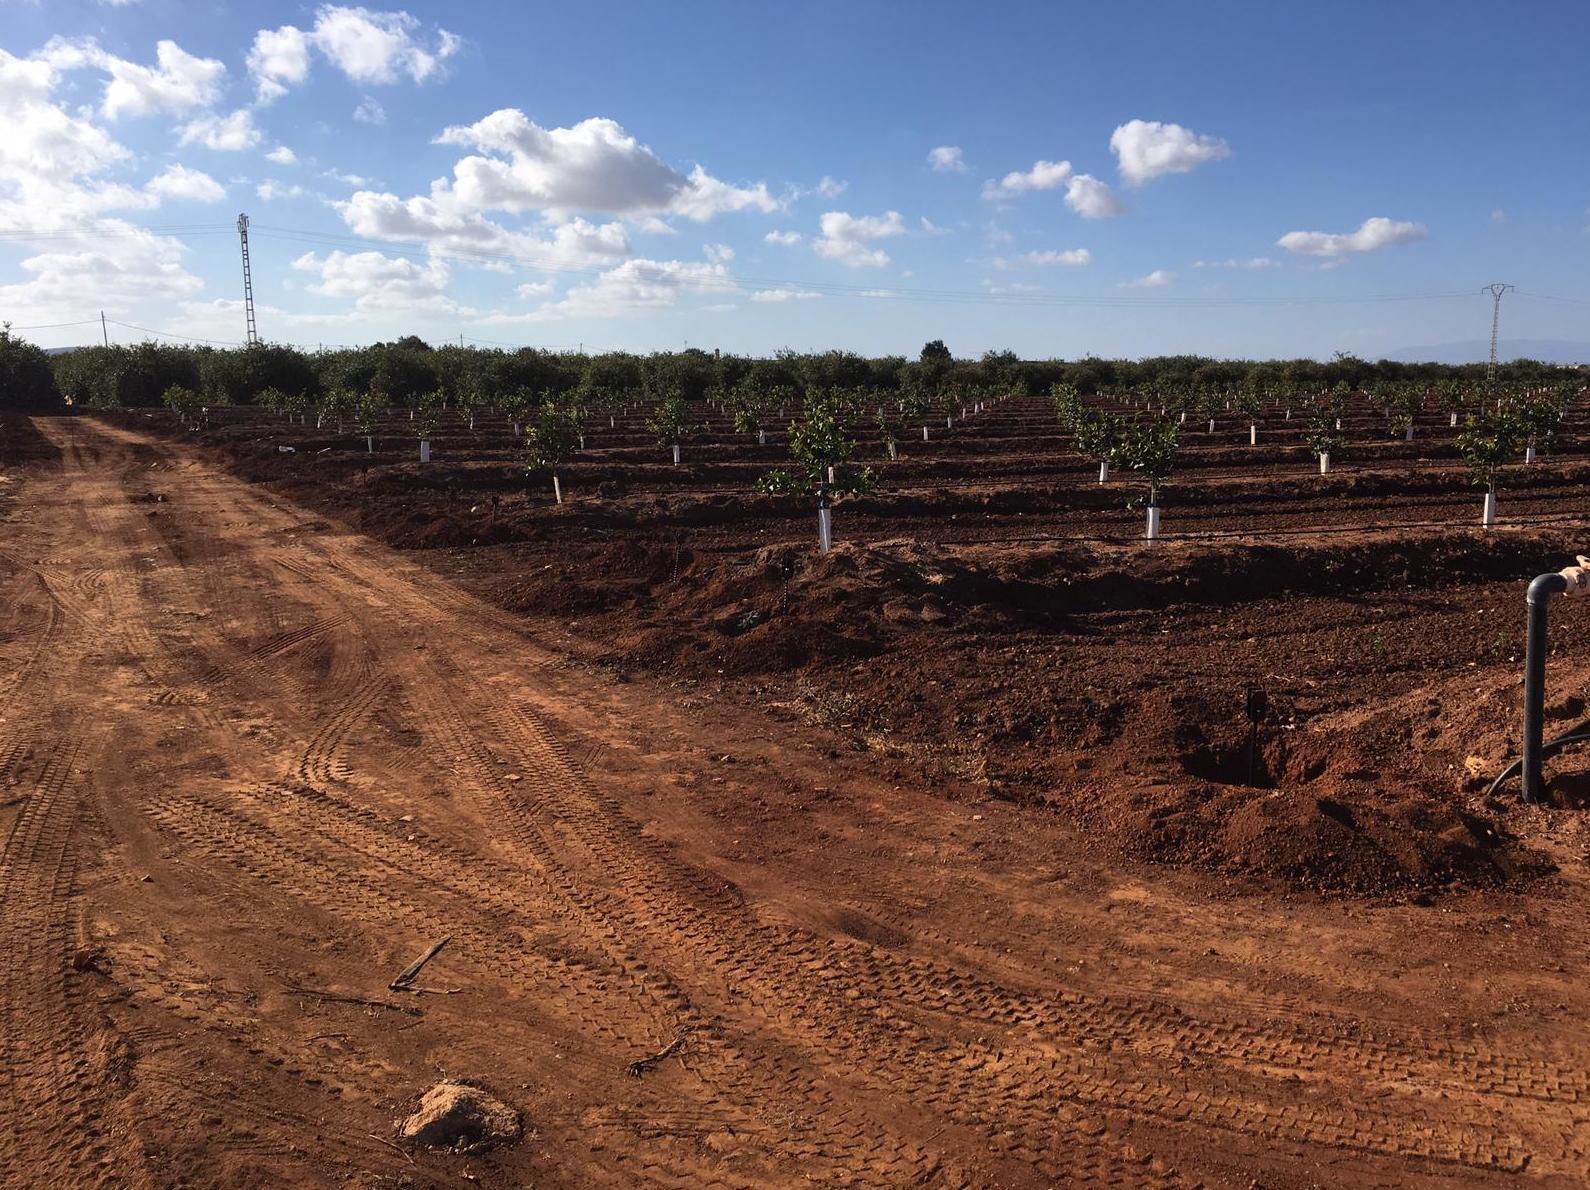 Foto 4 de Infraestructuras y trabajos agrícolas en La Murada – Orihuela | Mantenimiento y Estructuras Agrícolas Mateo e Hijo, S.L.